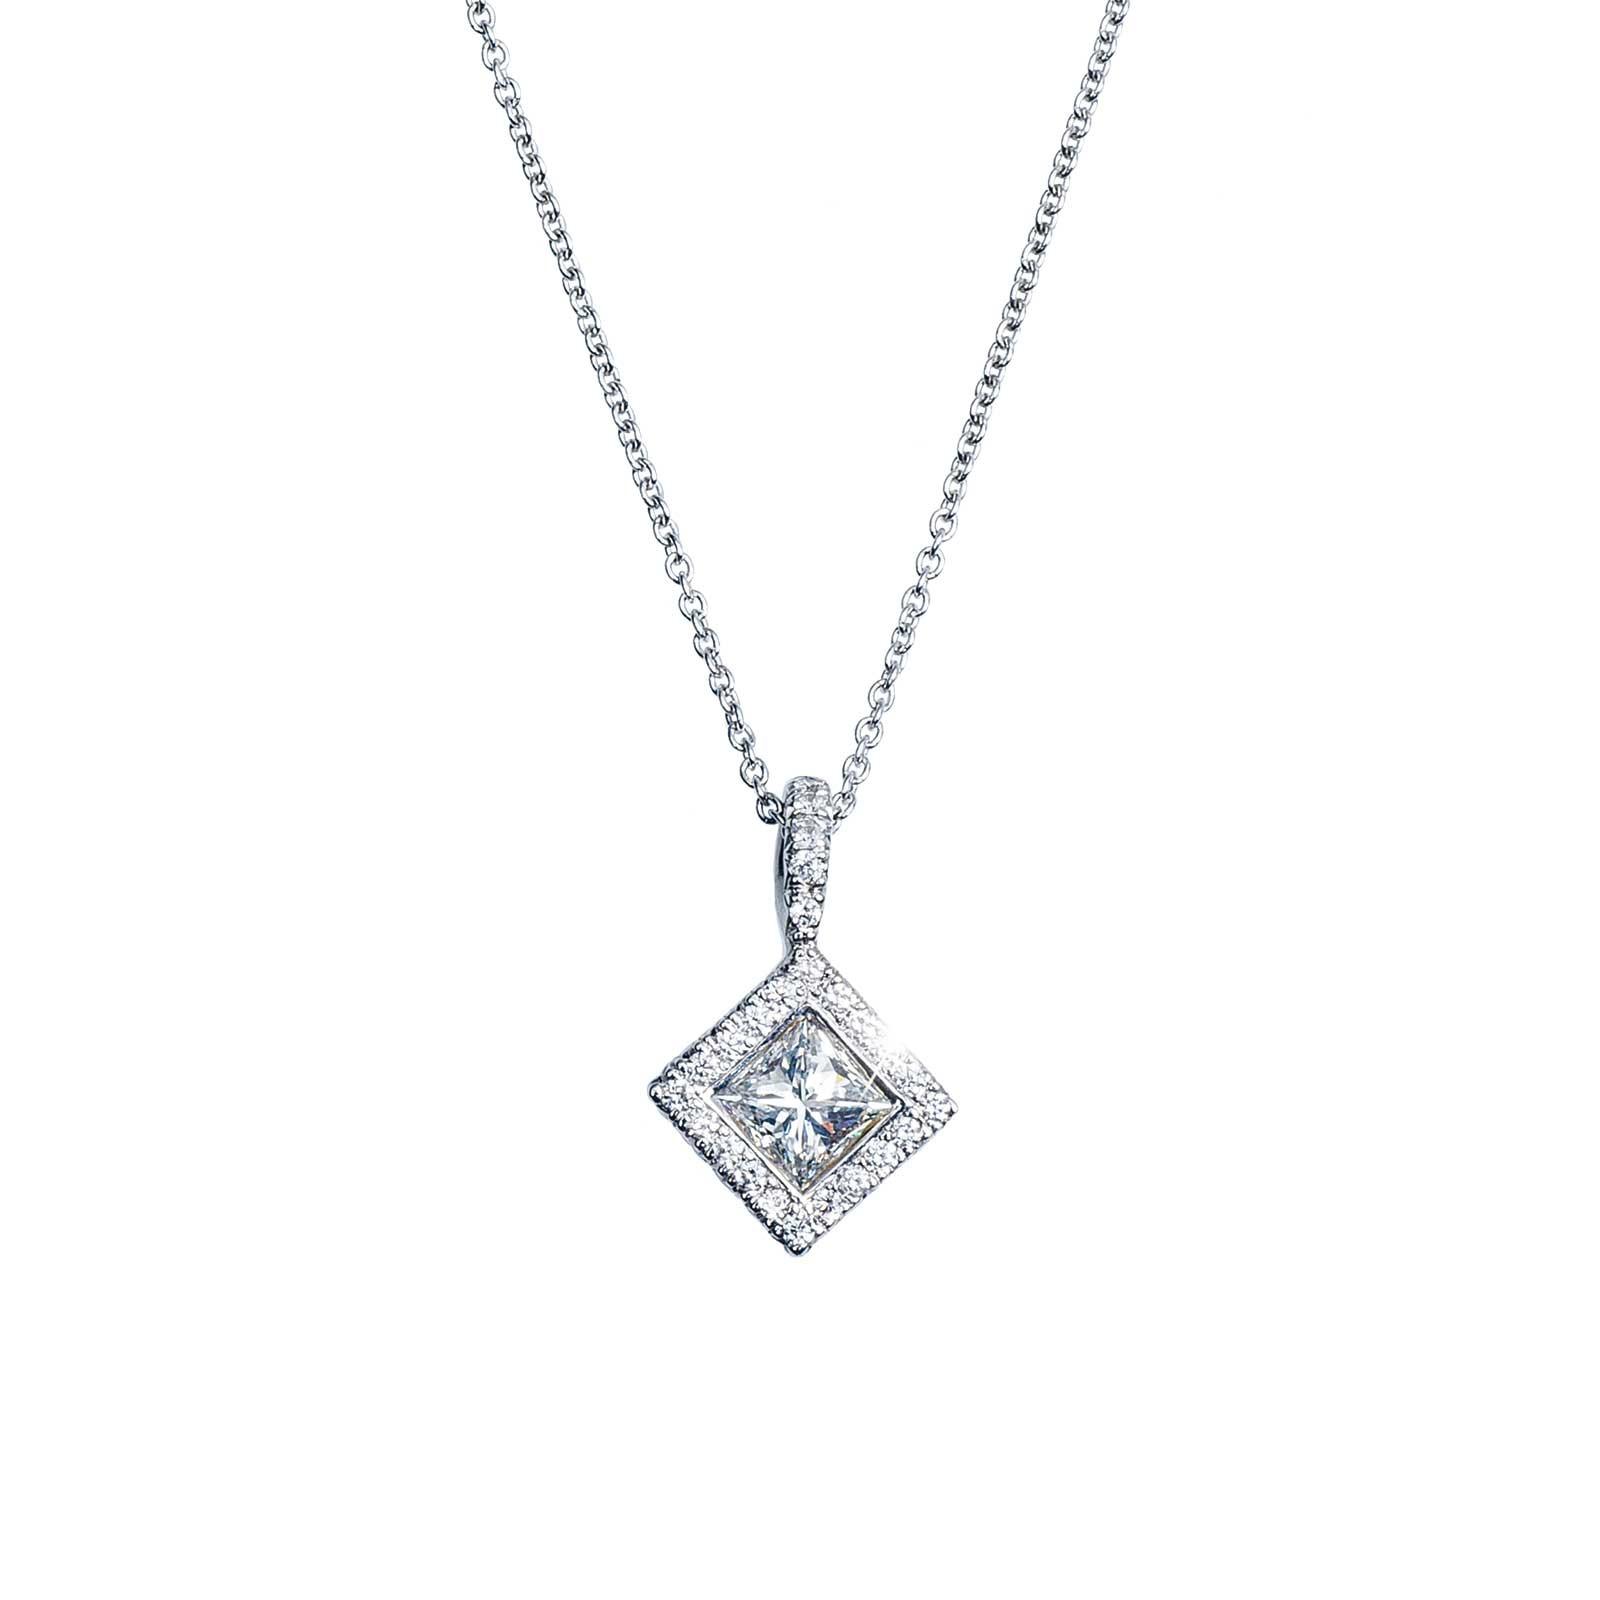 Vintage Kwiat 0.63 CTW Diamond Pendant